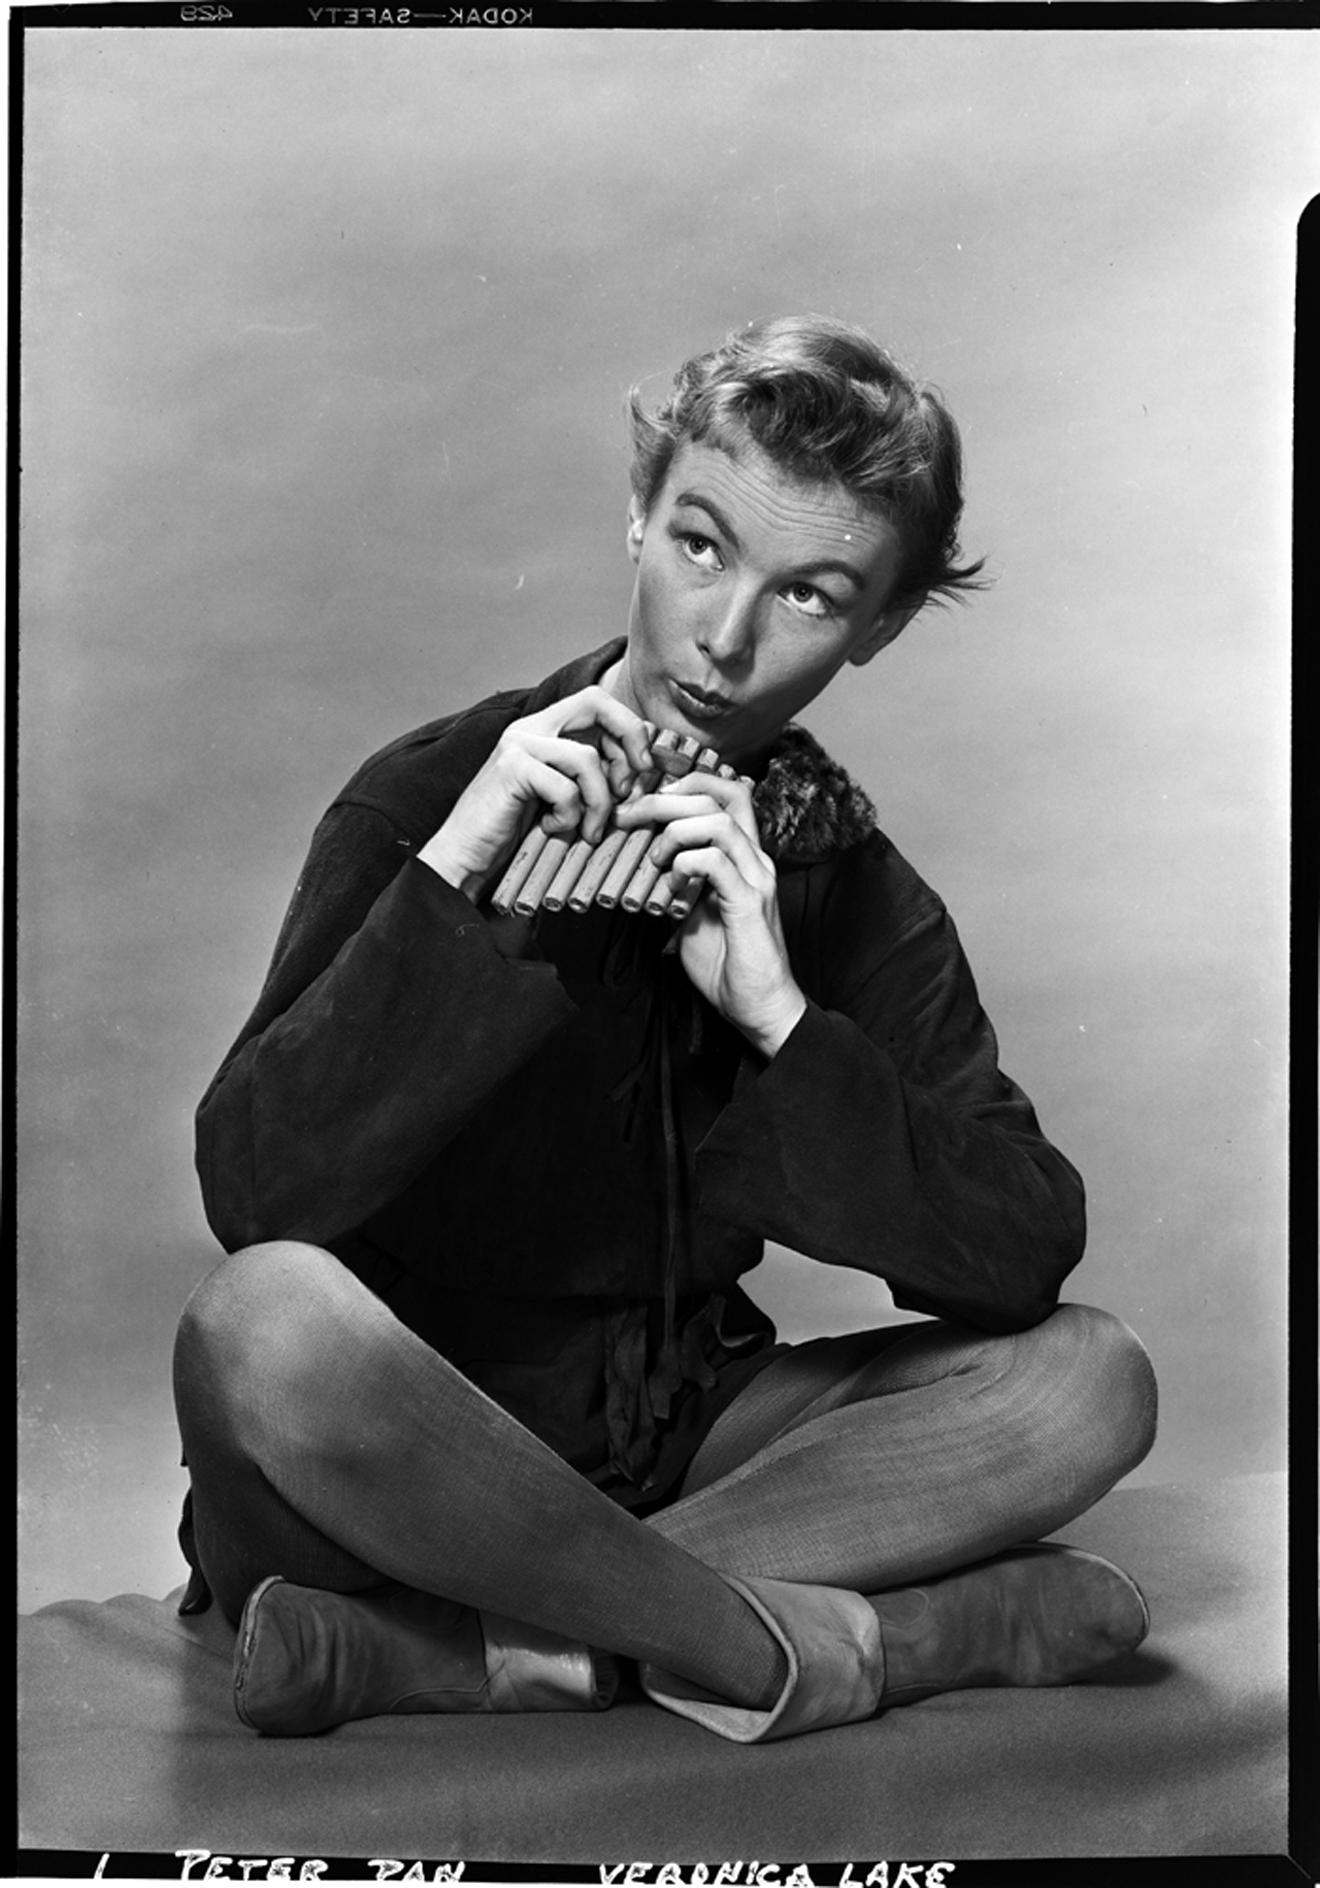 Lucas-Monroe [Veronica Lake como Peter Pan], 1951. Museo de la Ciudad de Nueva York. 80.104.1.2115